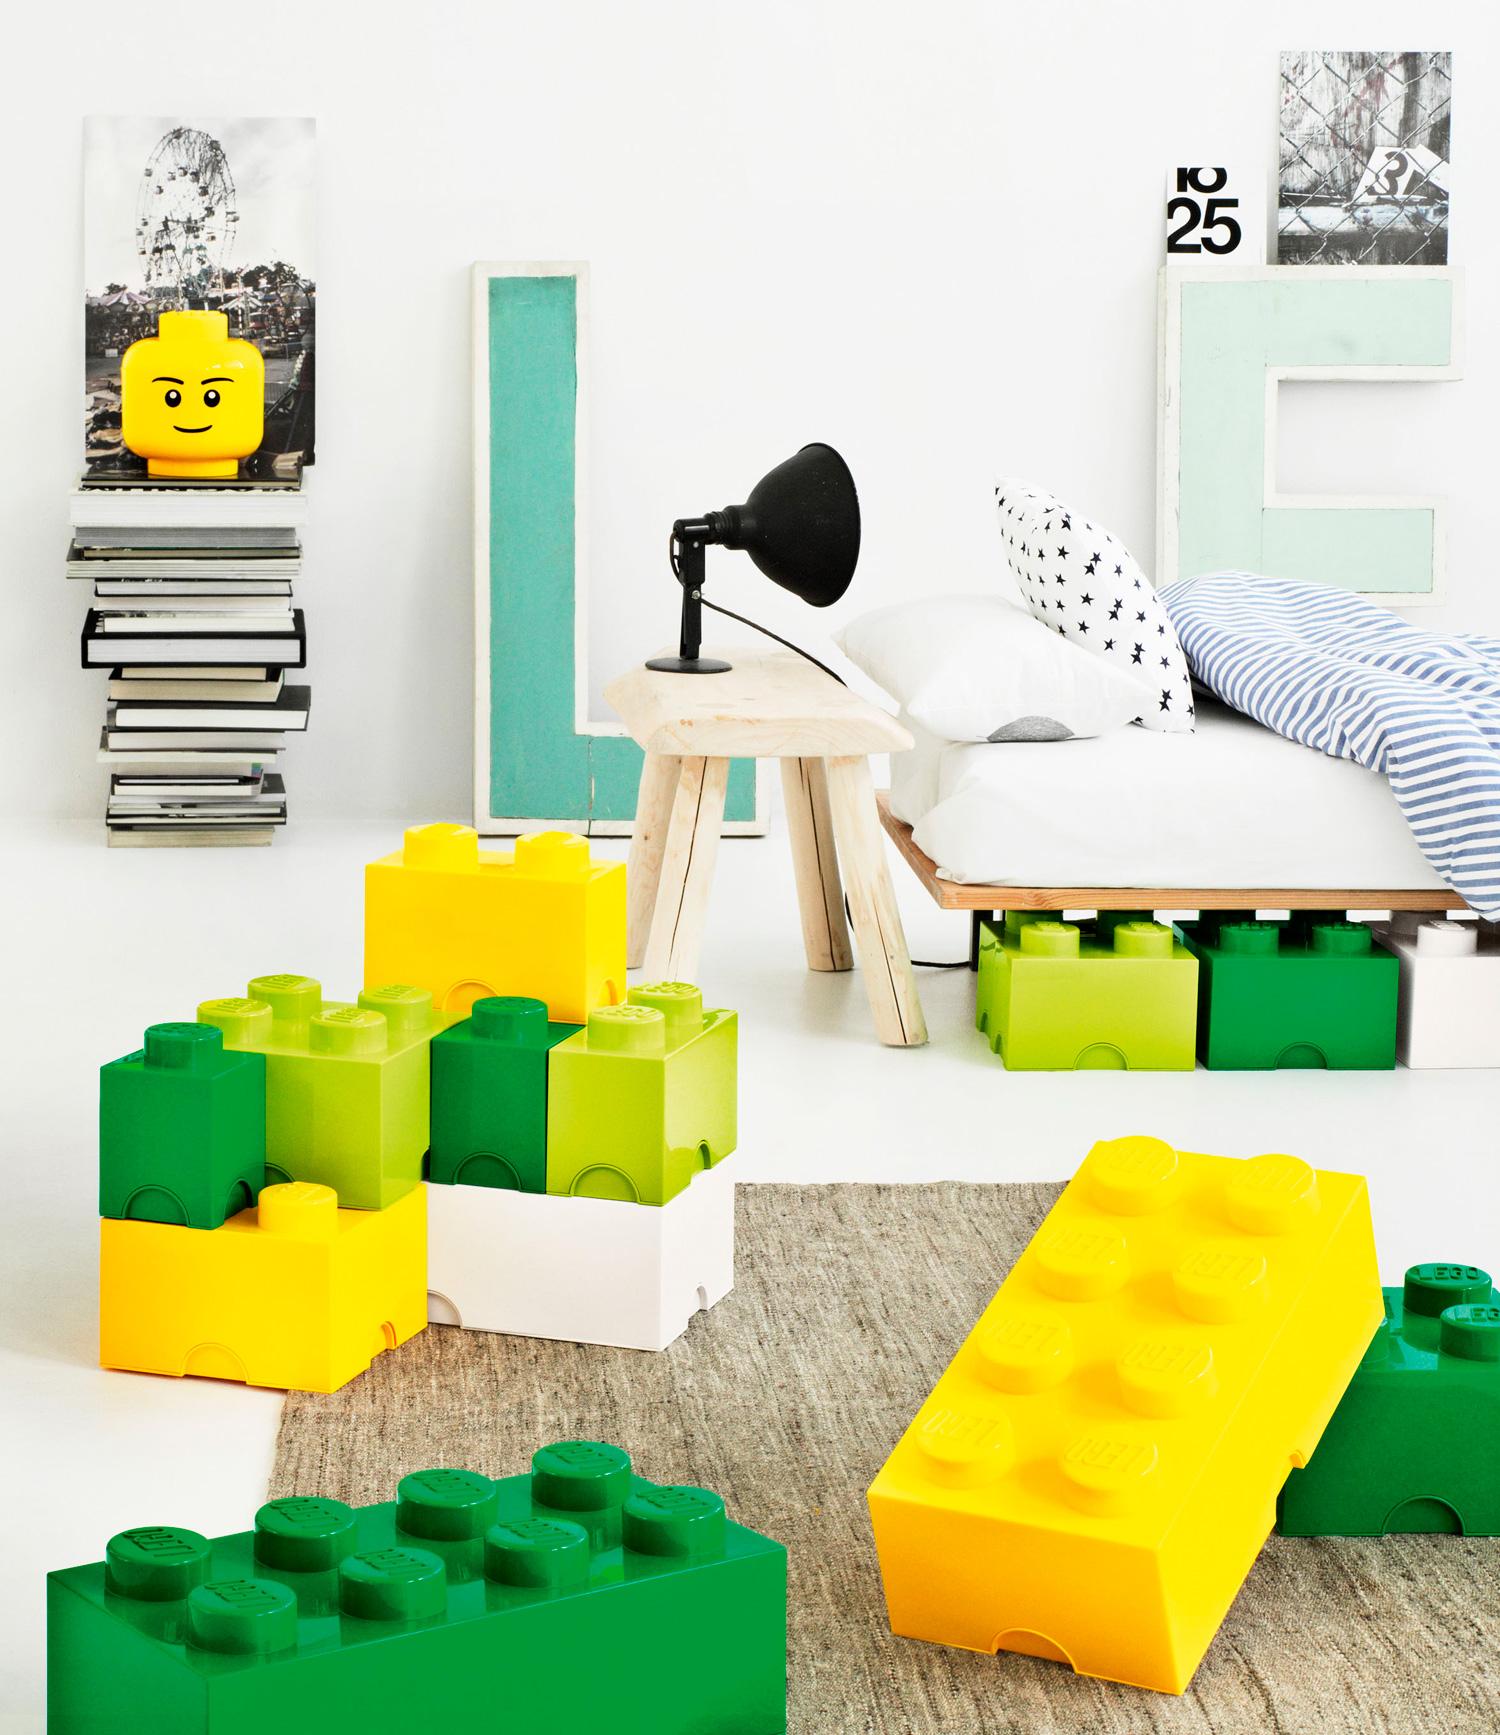 by Lego